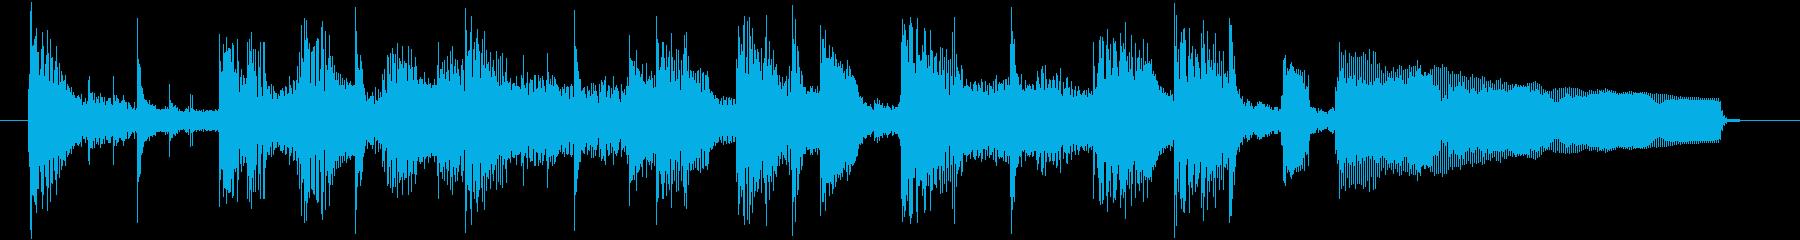 コーナータイトル_JAZZギタージングルの再生済みの波形